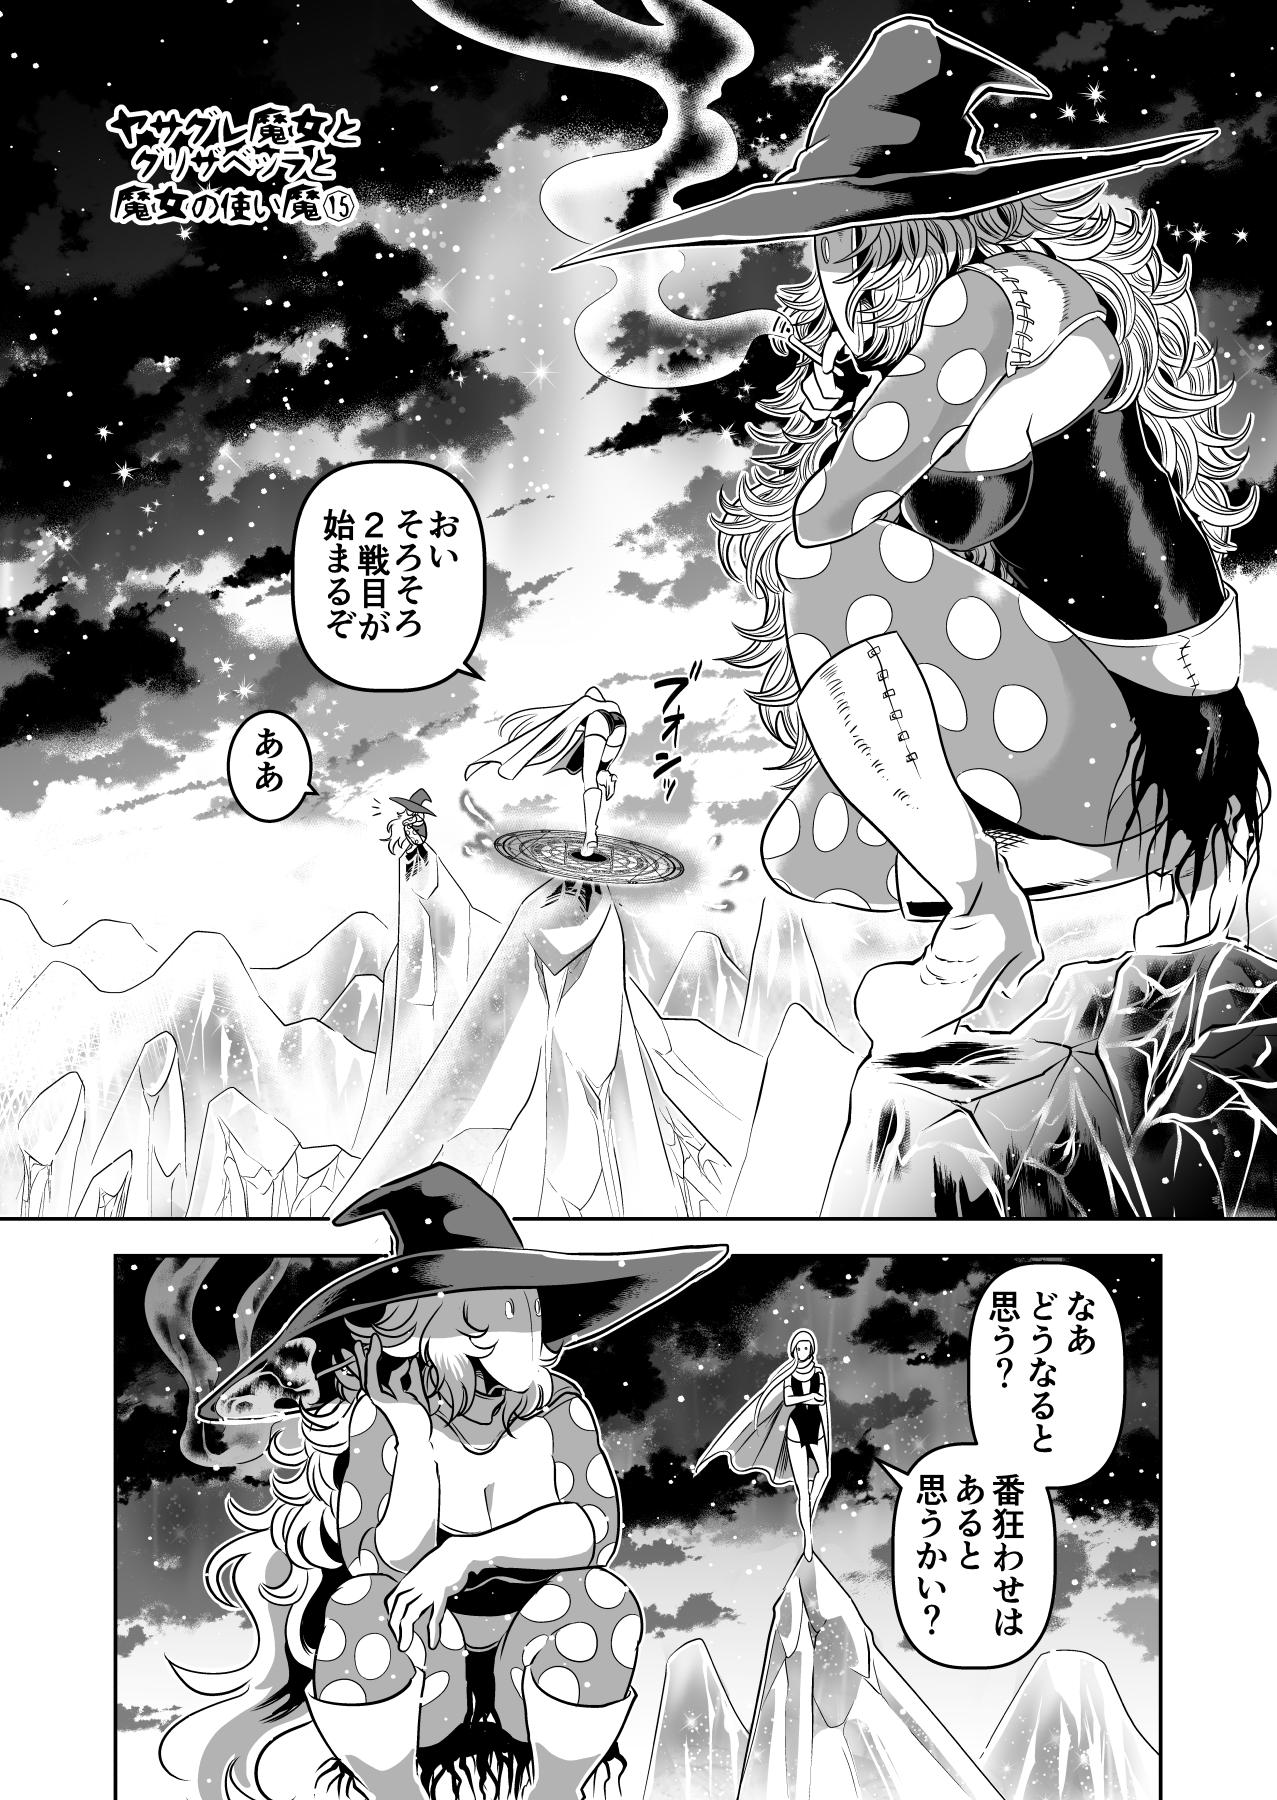 ヤサグレ魔女とグリザベッラと魔女の使い魔⑮ サムネイル画像